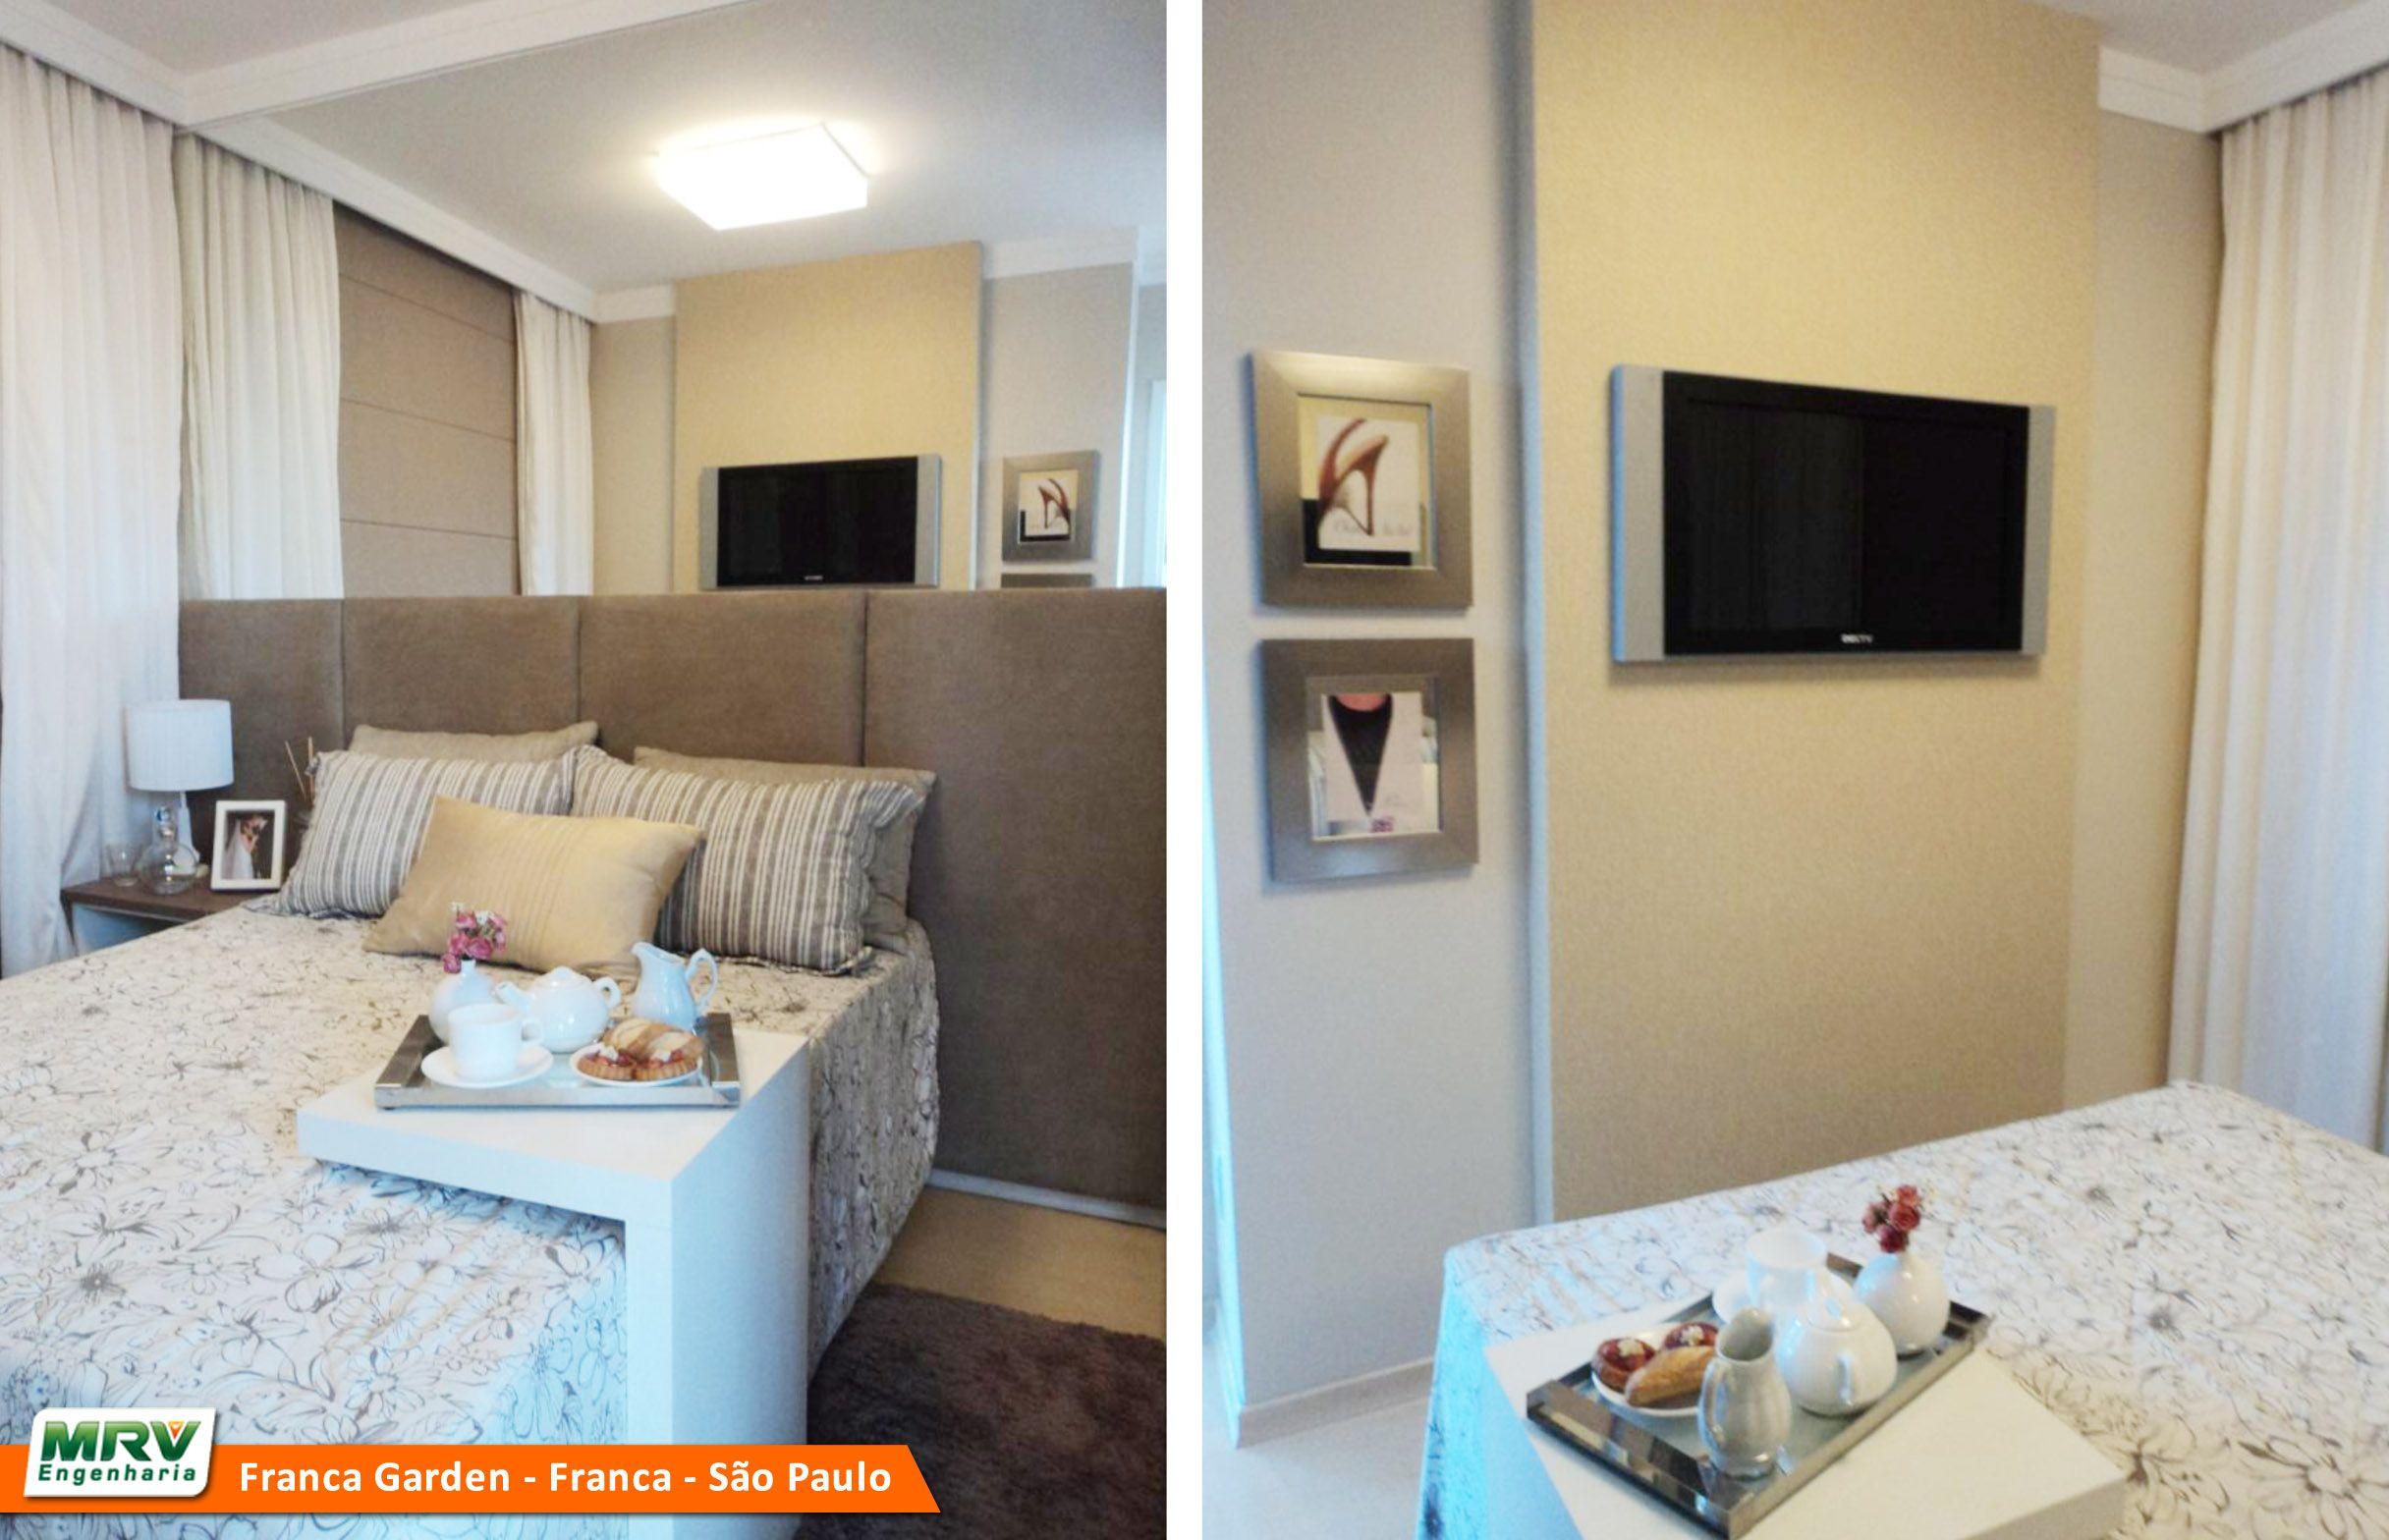 Apartamento Decorado 2 Quartos Do Parque Attualle No Bairro Jardim  ~ Quarto Casal Simples E Barato E Apartamento Quarto E Sala